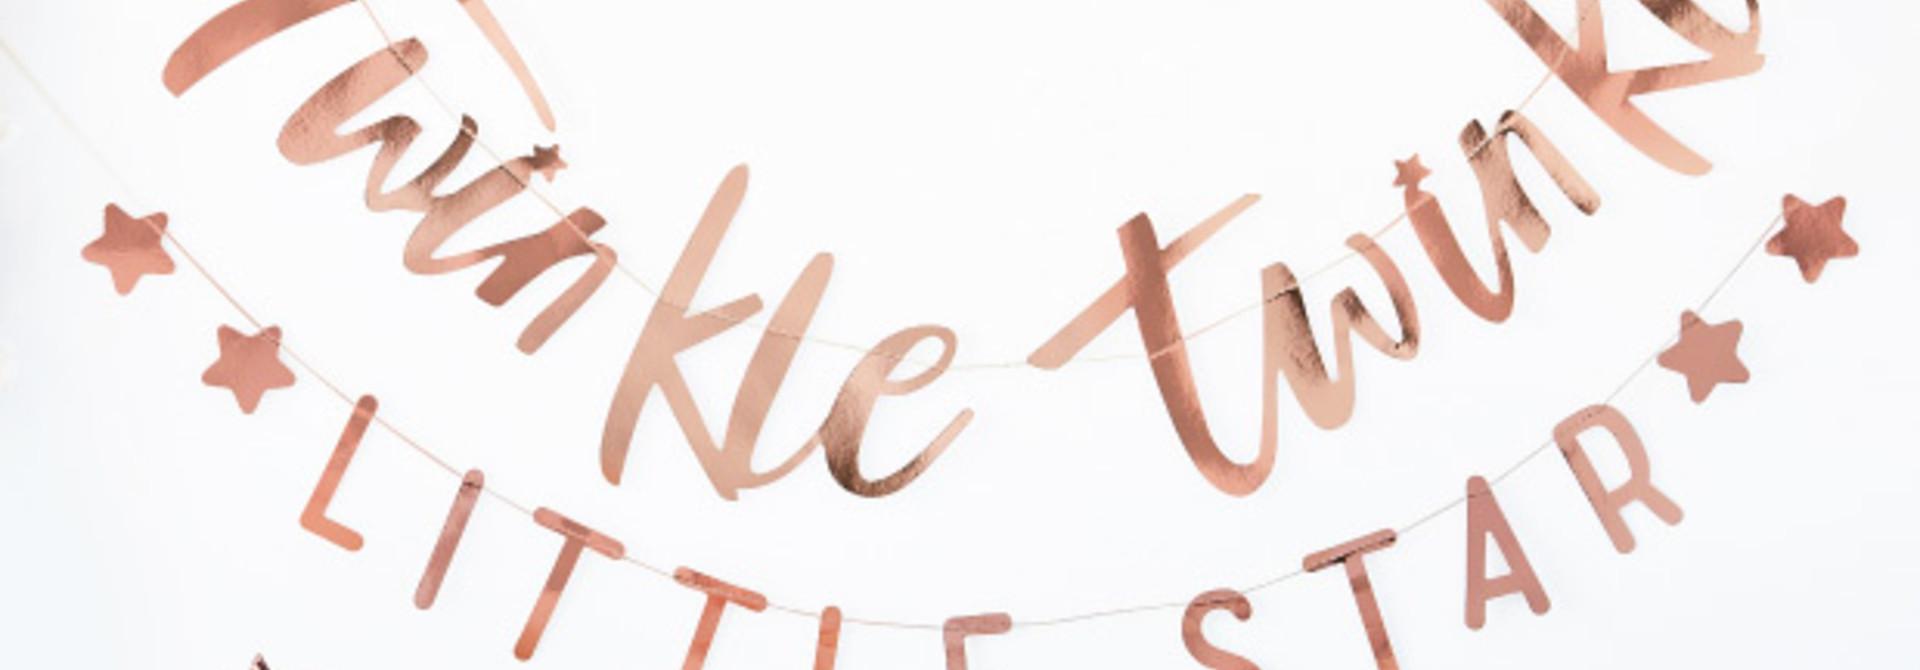 Slinger roségoud Twinkle Twinkle - Ginger Ray